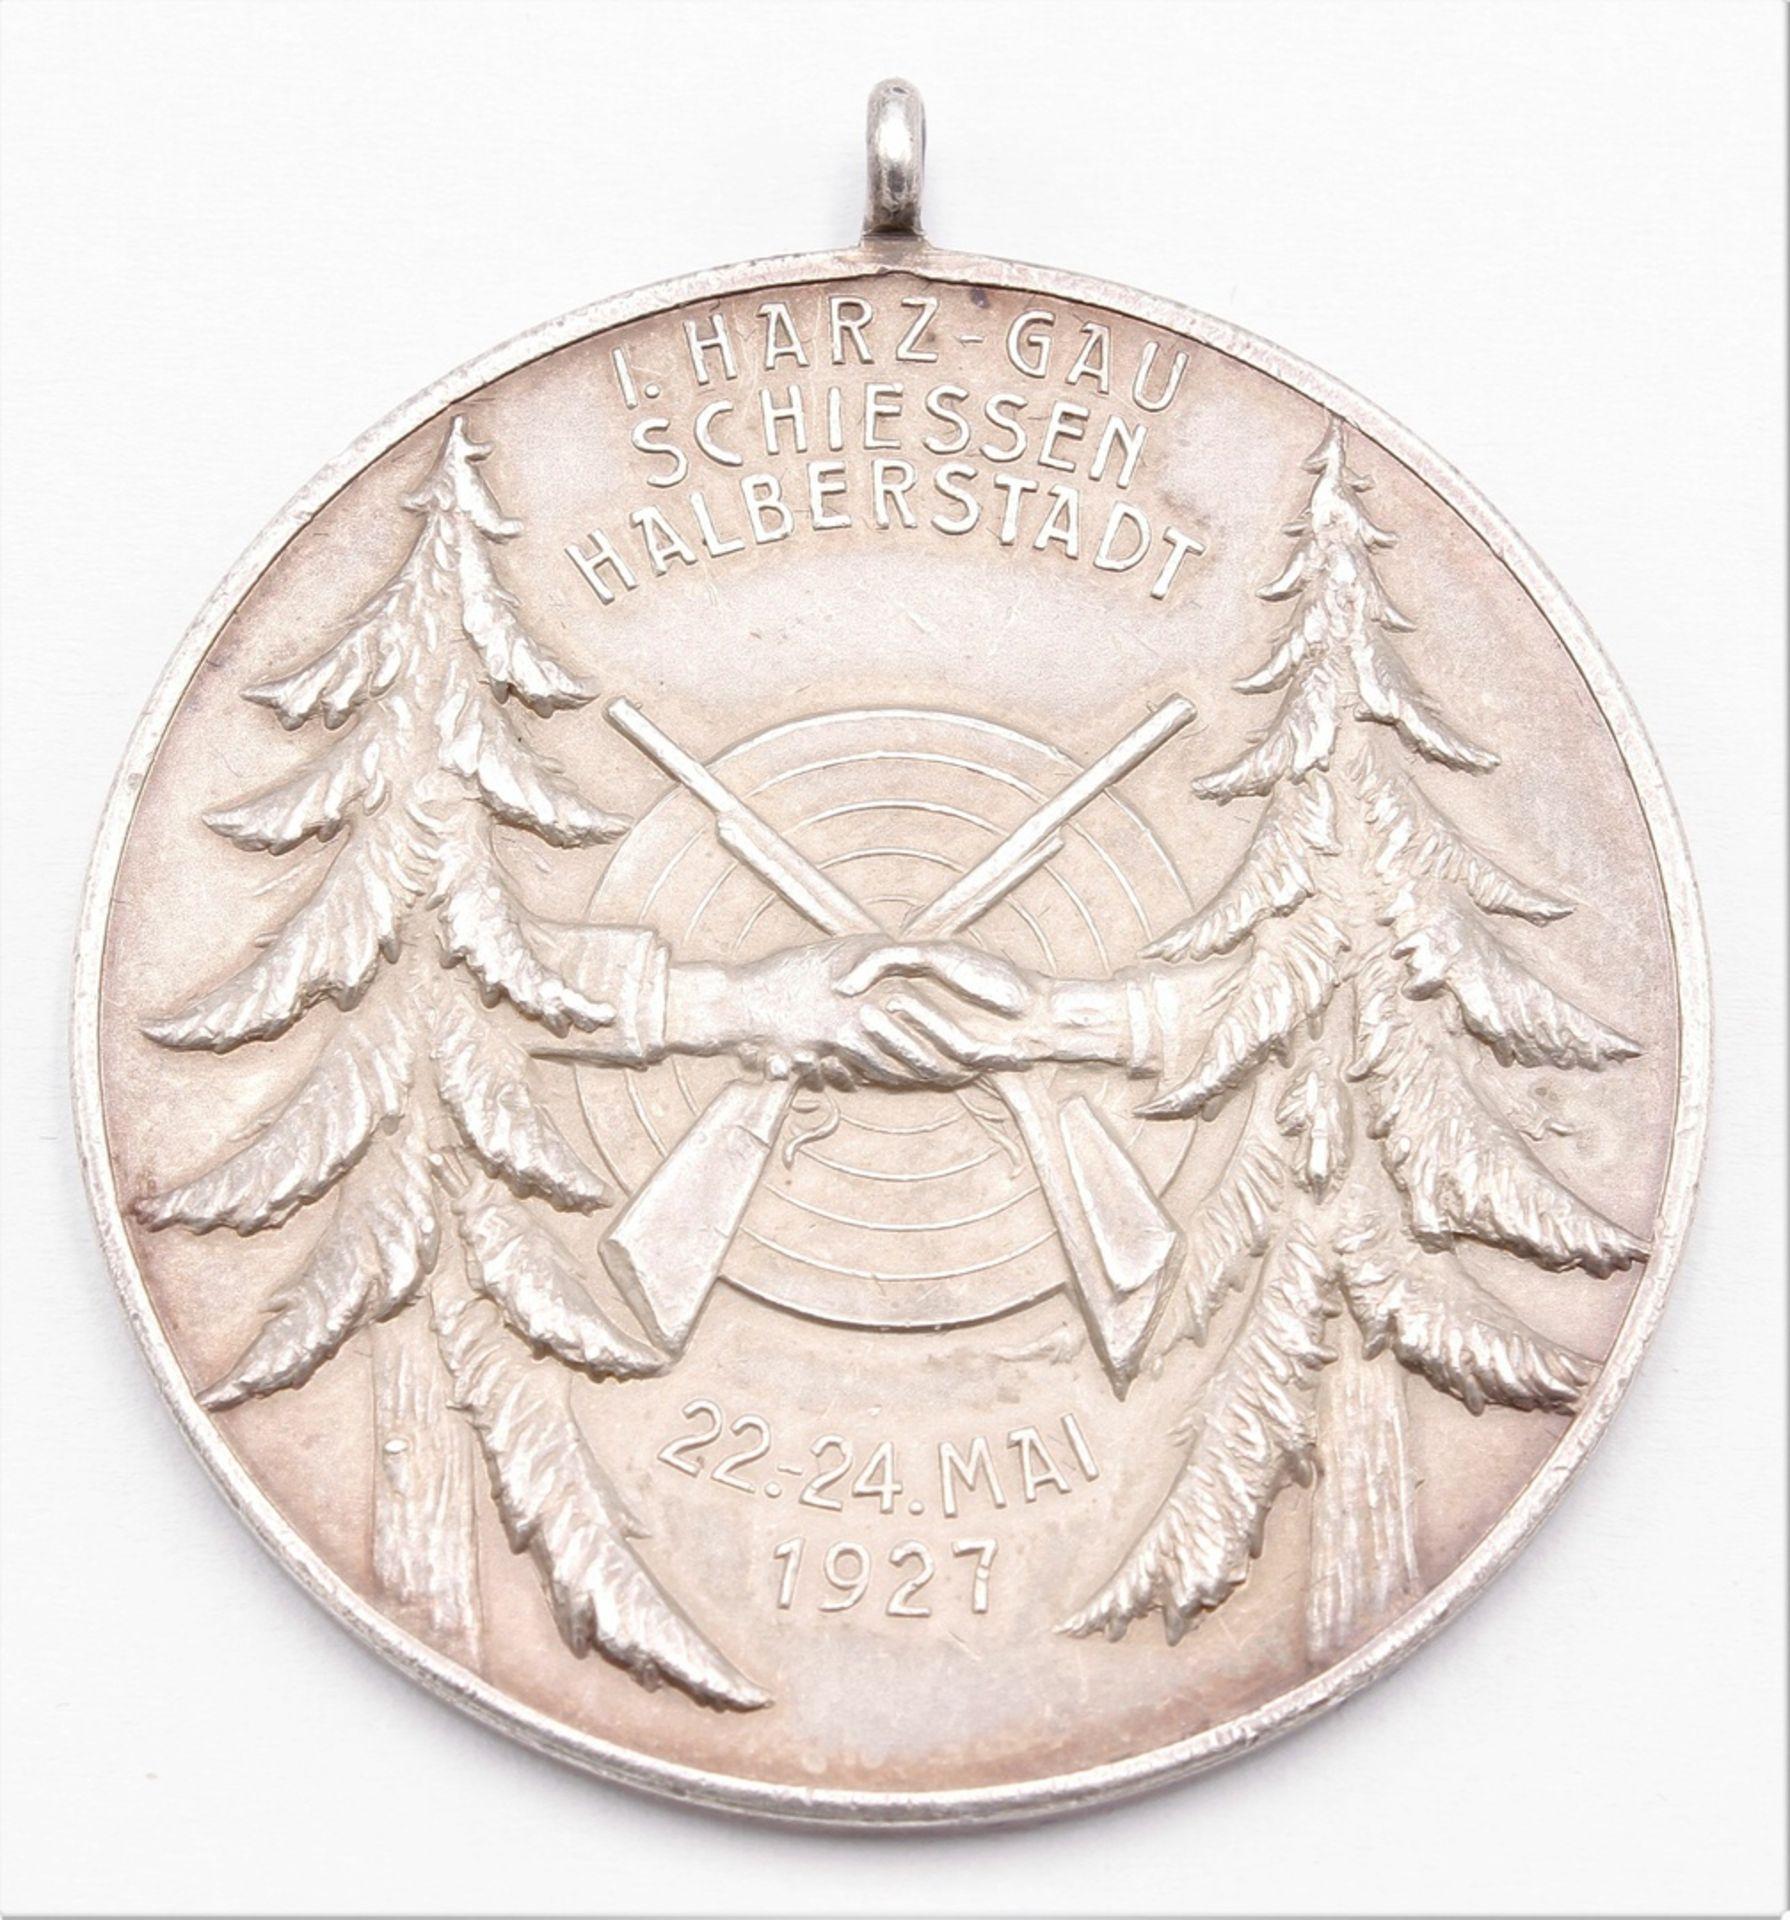 Medaille Halberstadt, I. Harz-Gau Schiessen, 1927 - Bild 2 aus 2